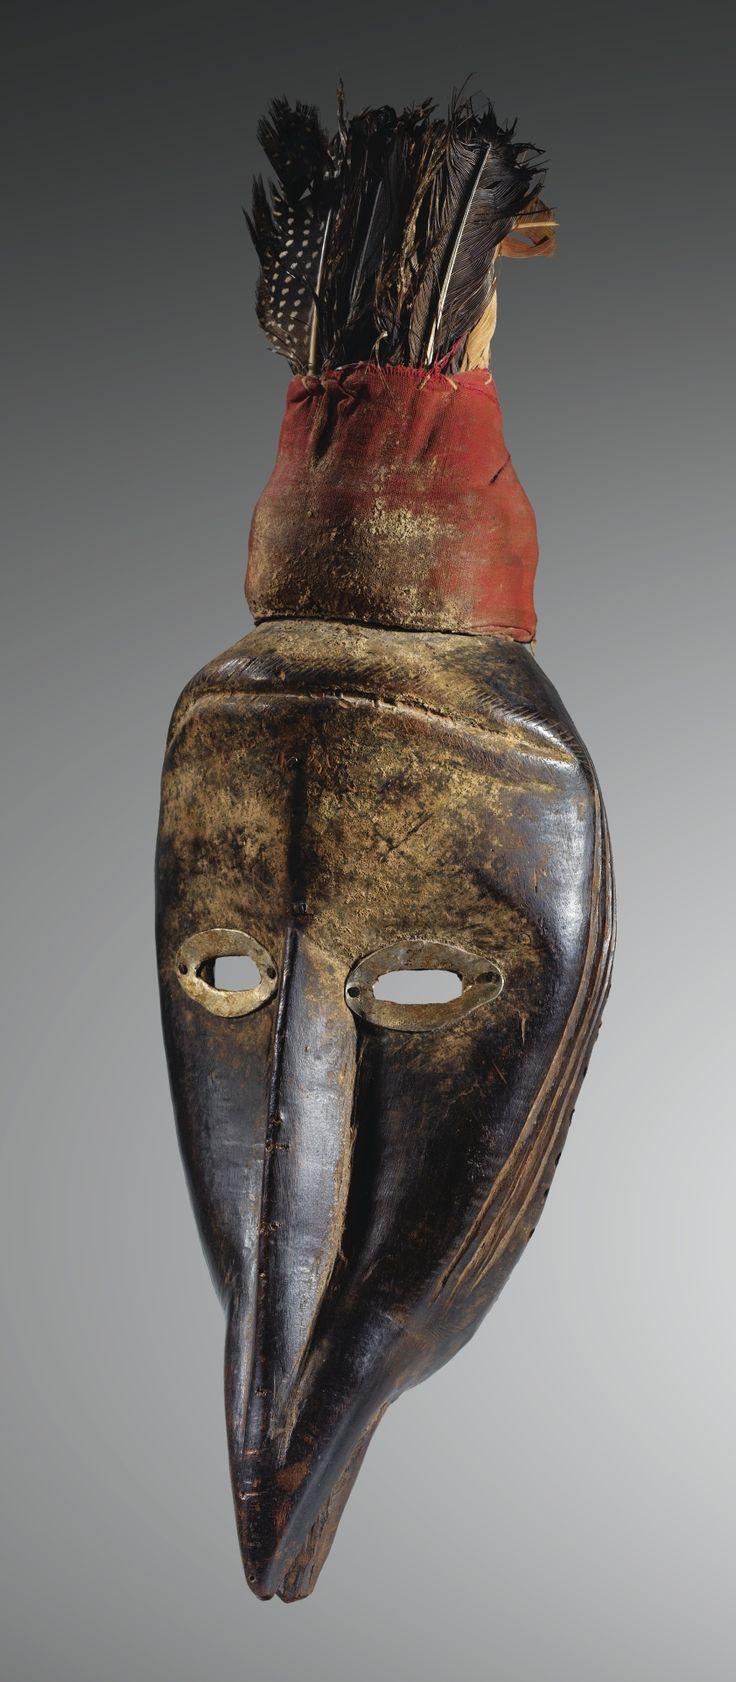 Masque Dan. Côte d'Ivoire.